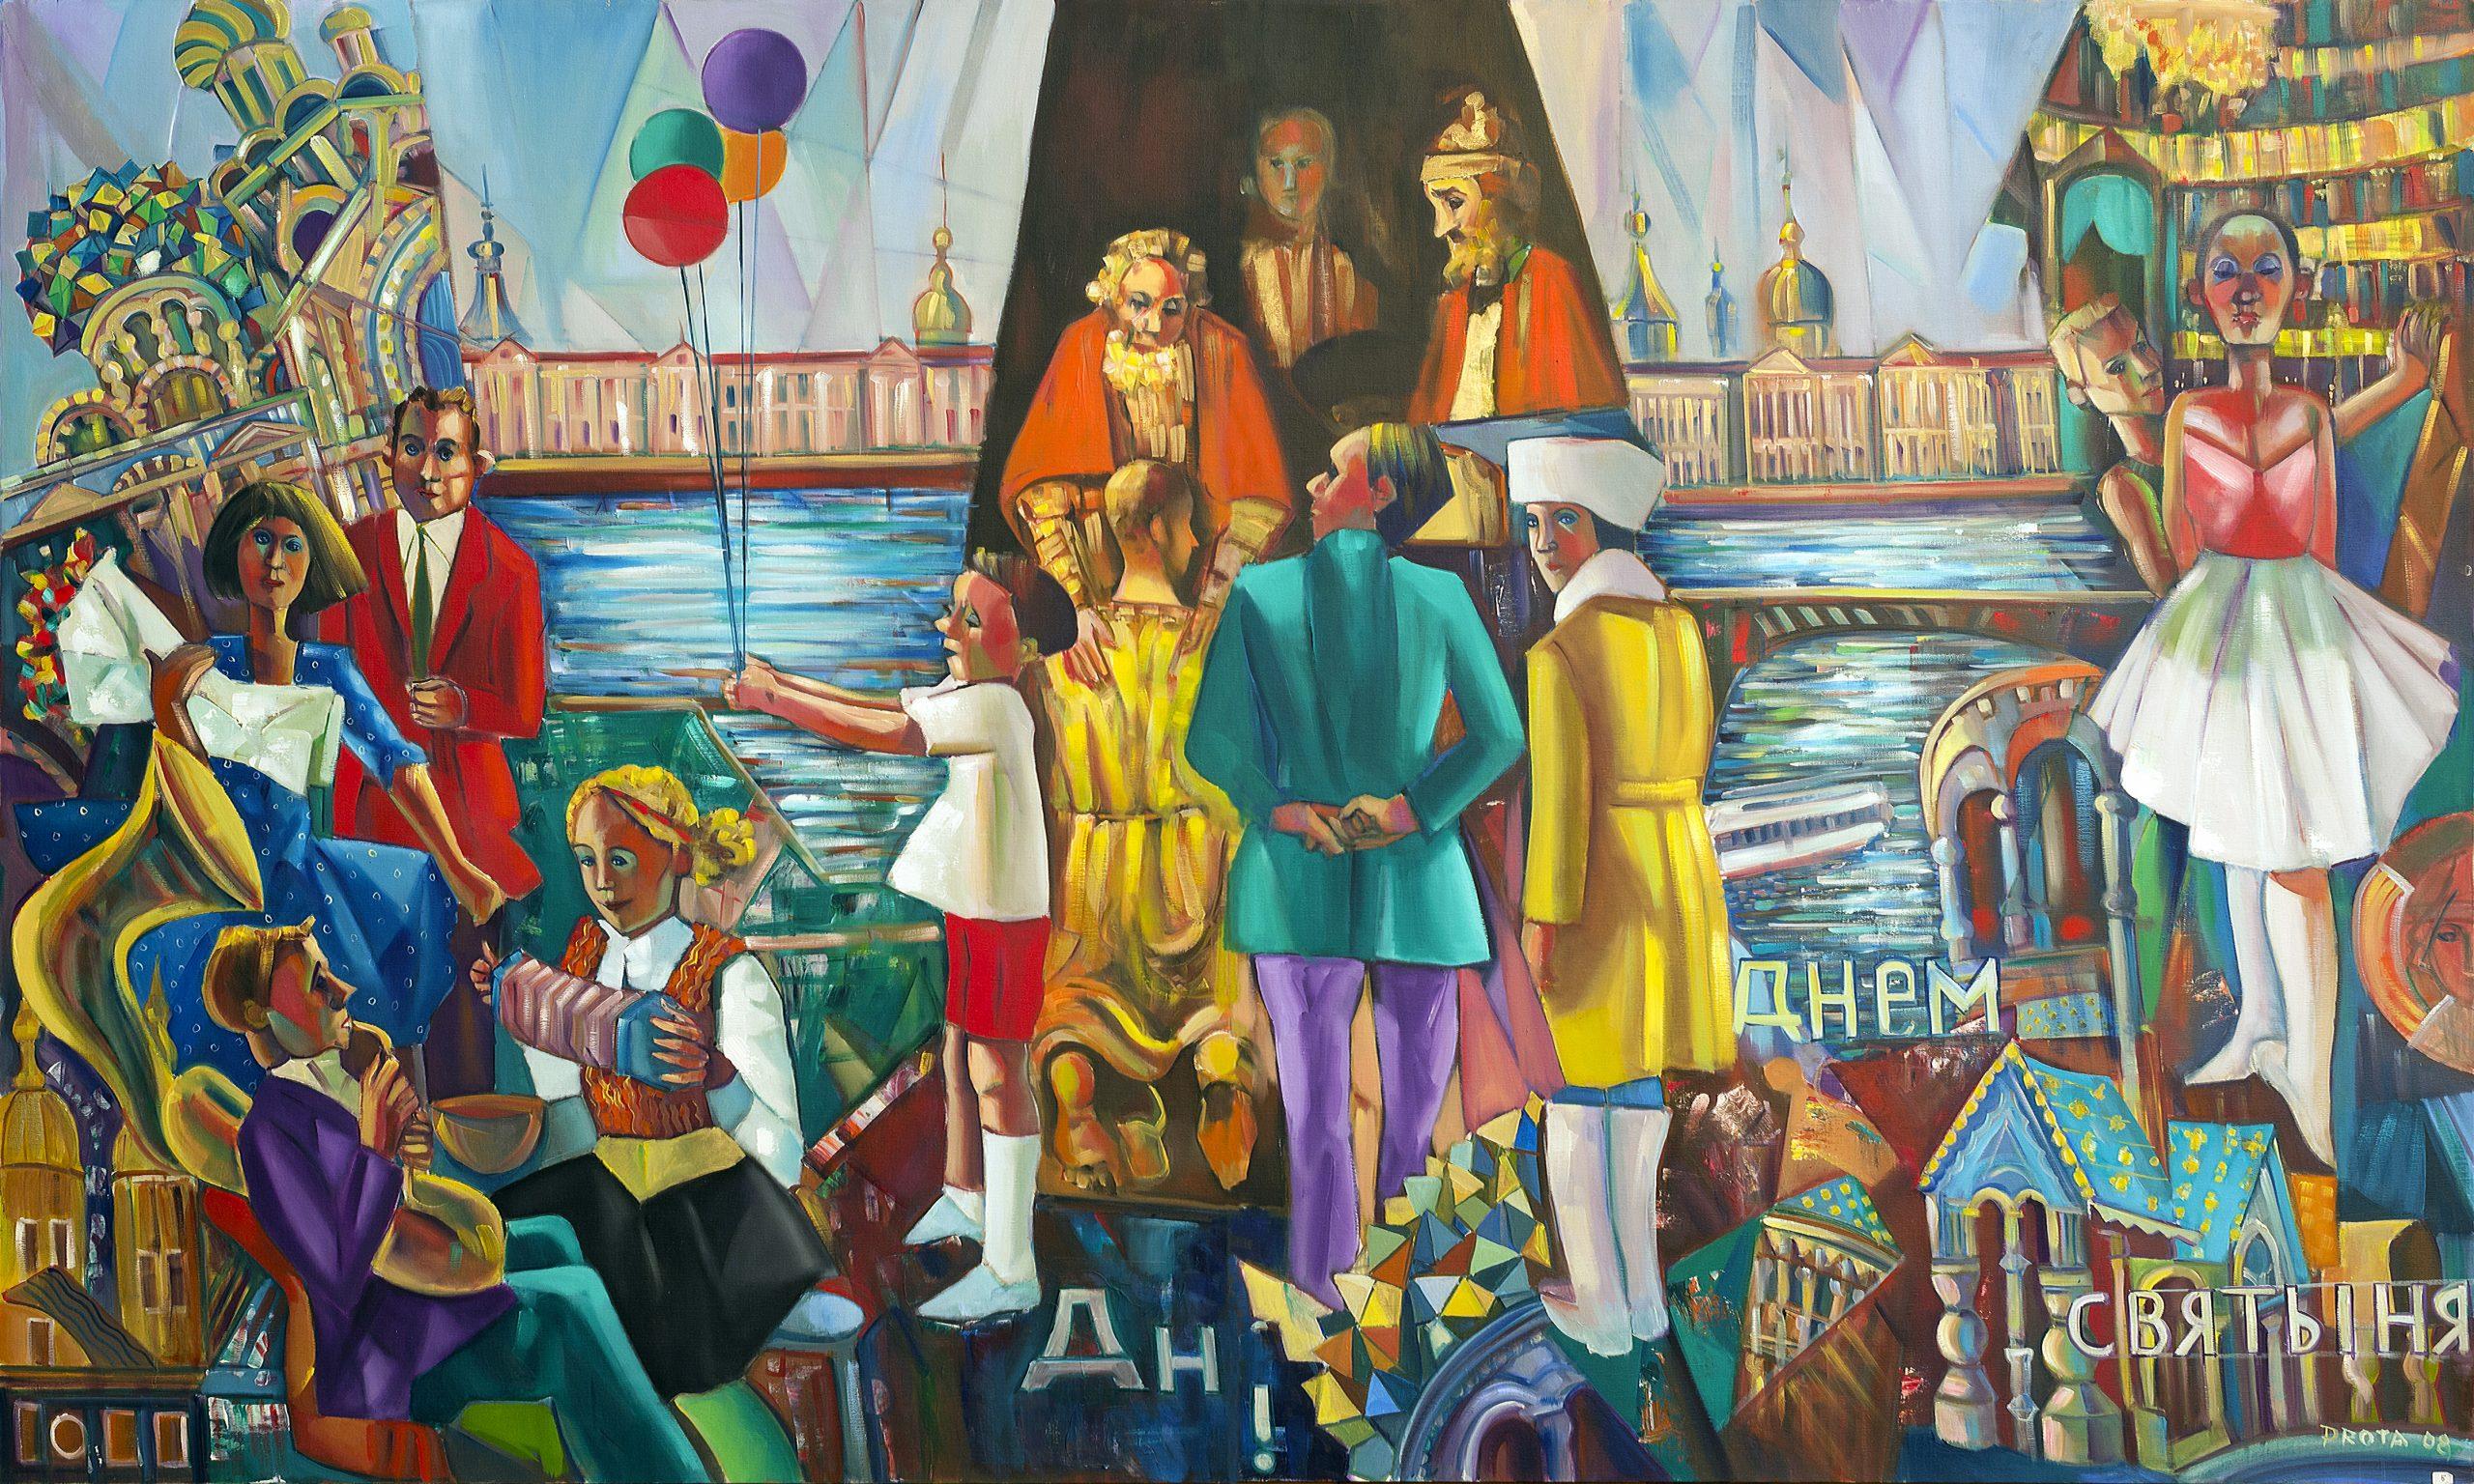 2008 - S. Pietroburgo - 200x120 cm